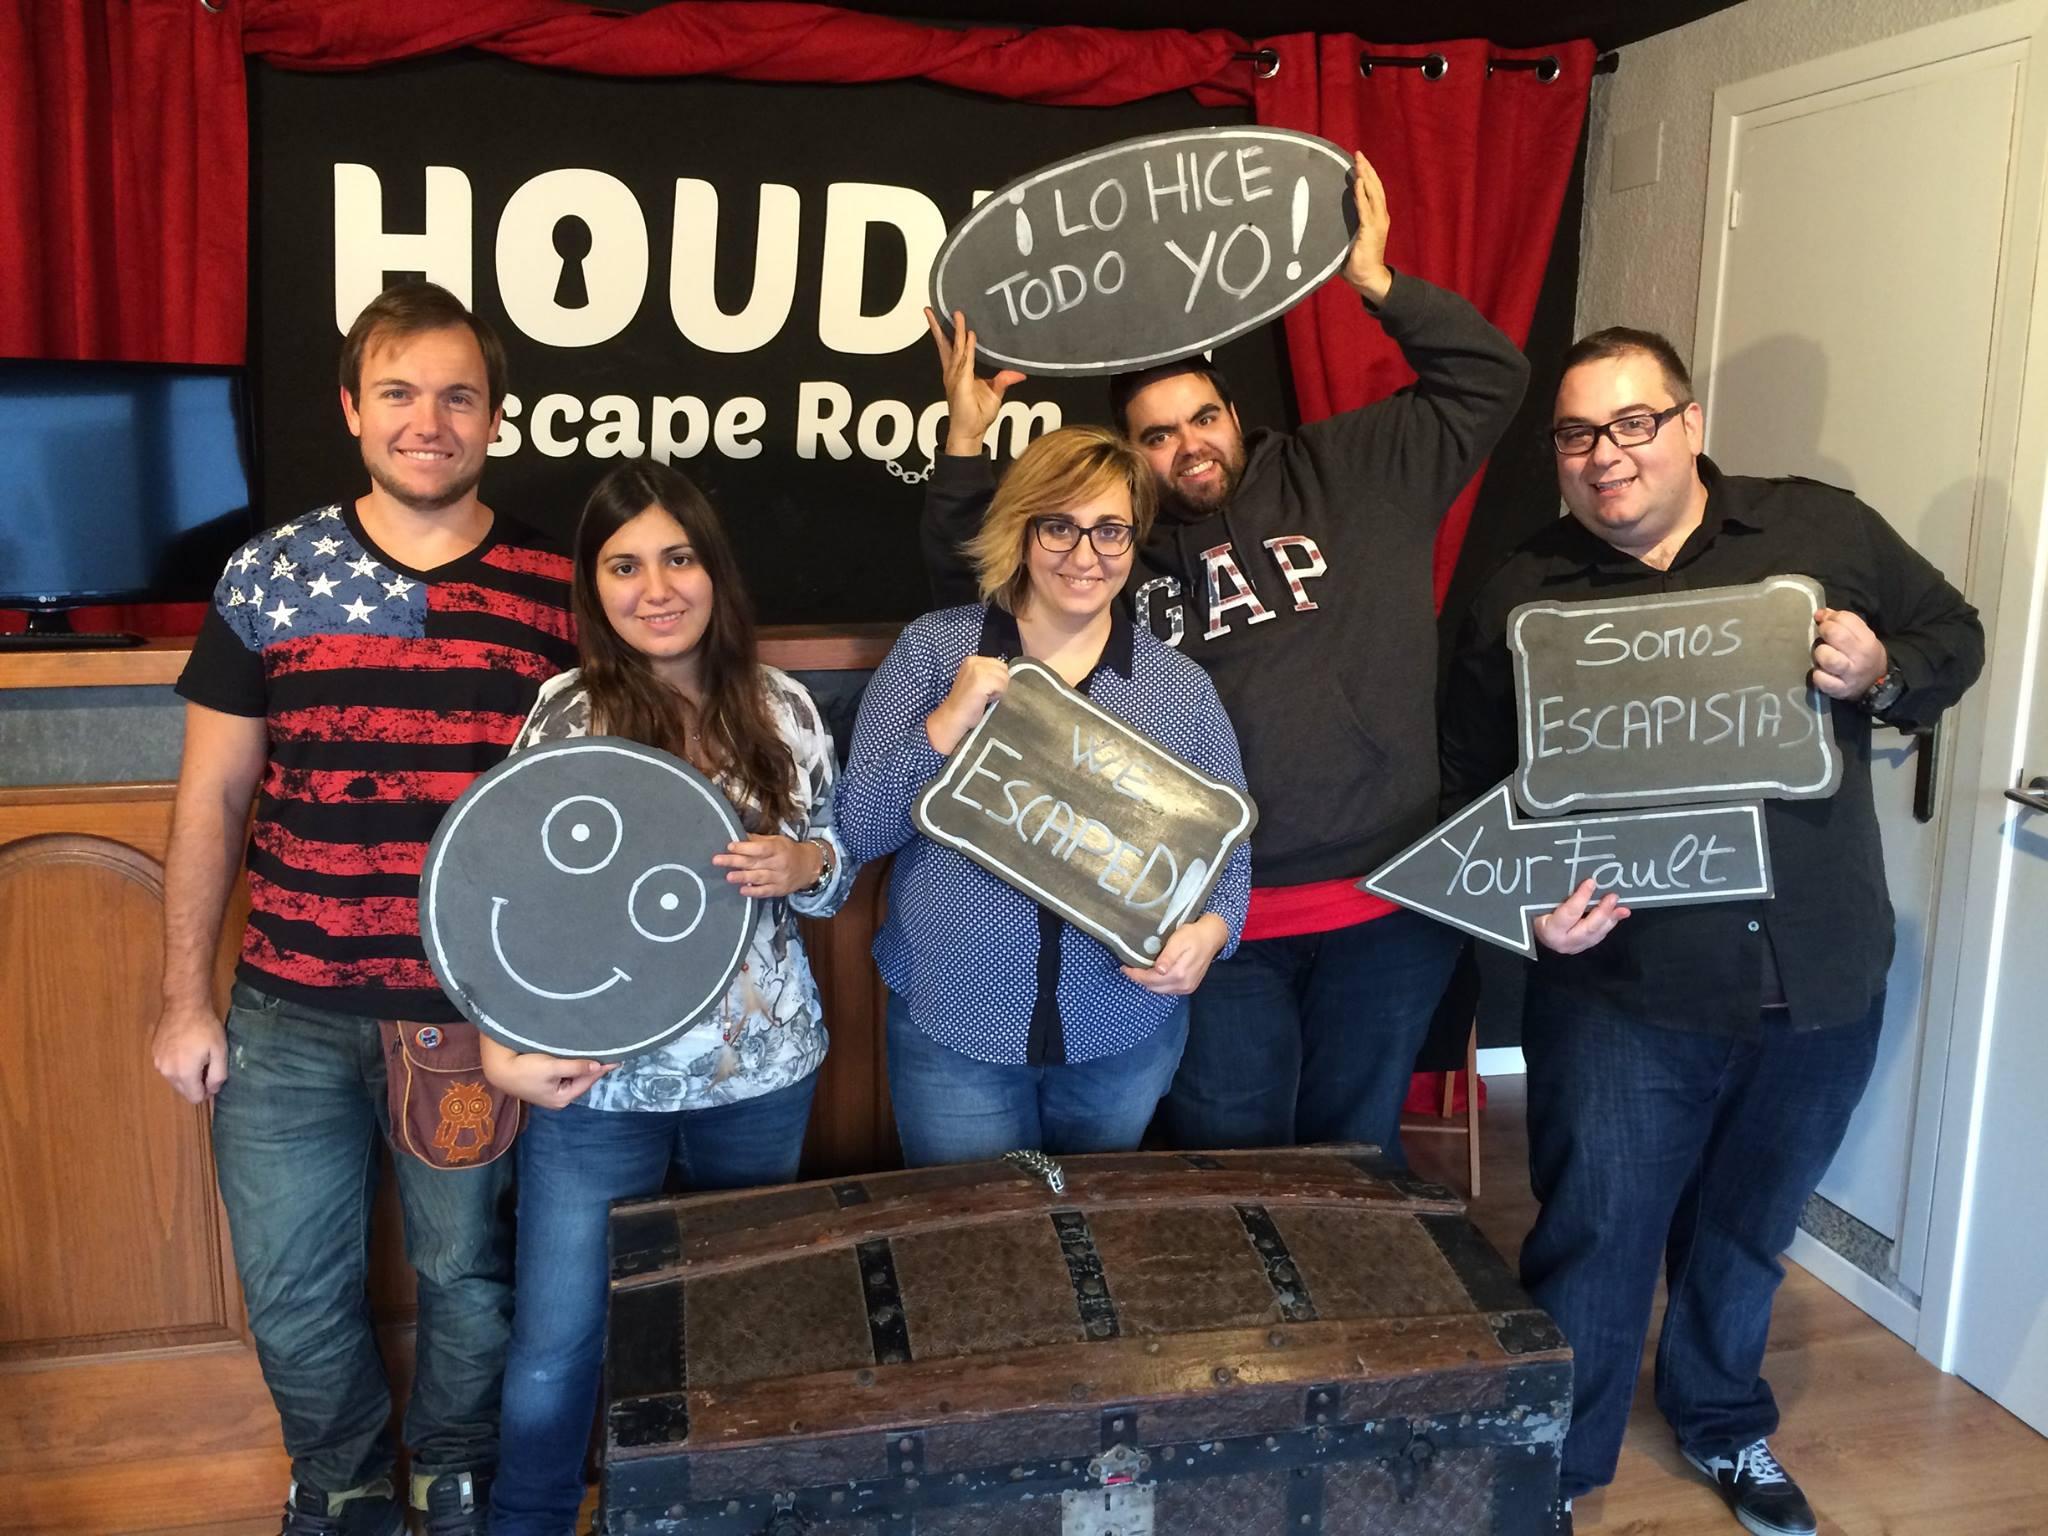 El aprendiz de Houdini